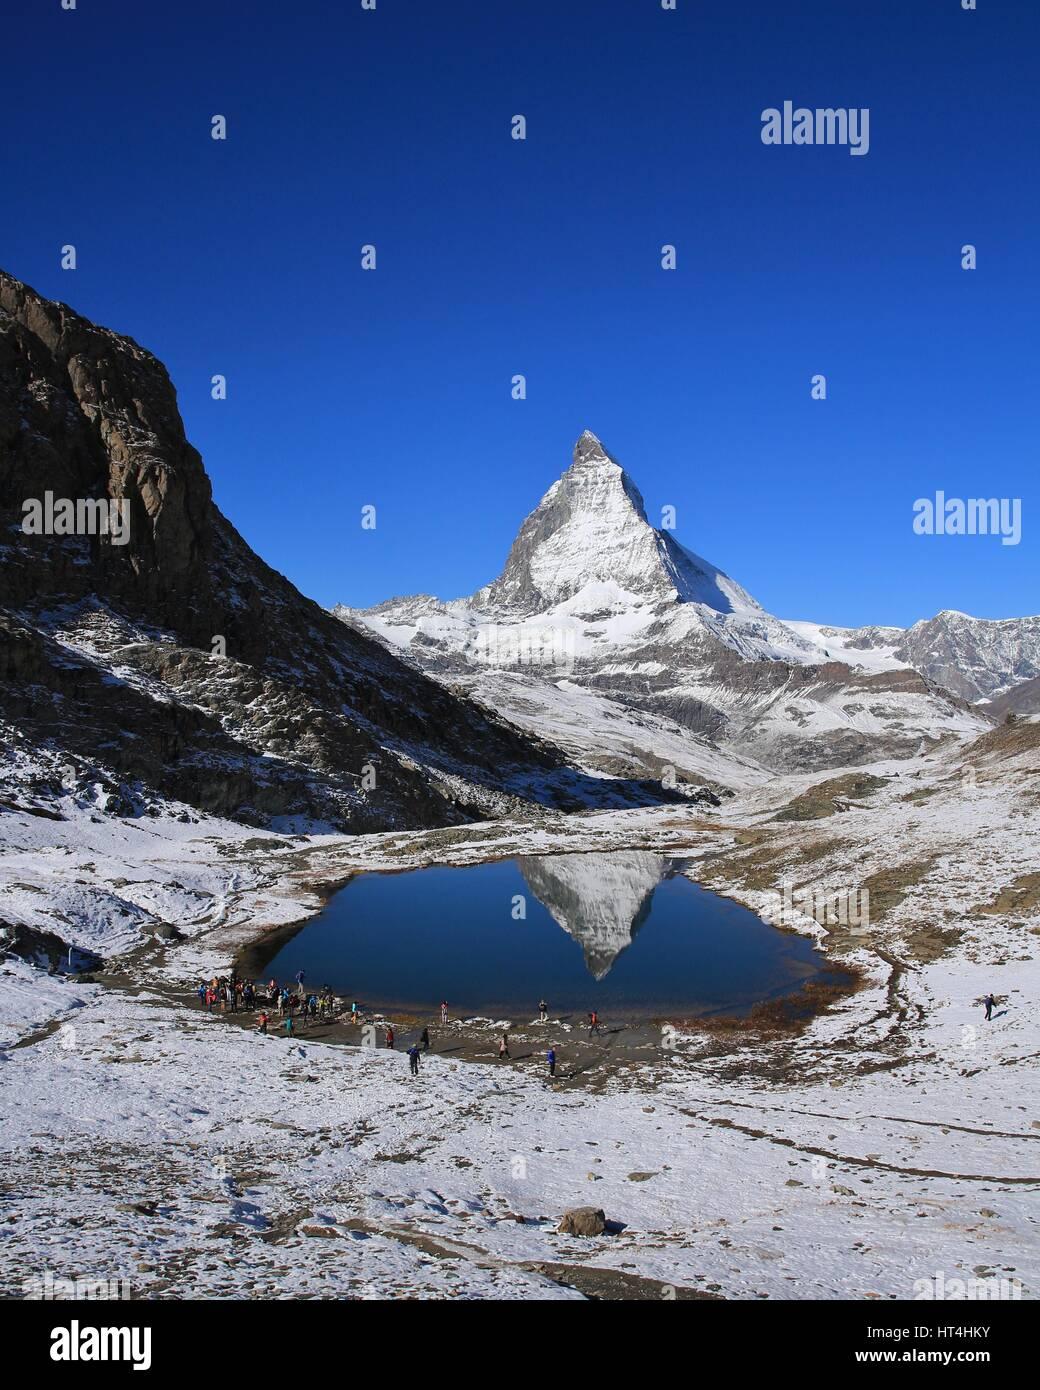 Matterhorn en miroir dans le lac Riffelsee. Jour d'automne dans les Alpes suisses. Photo Stock